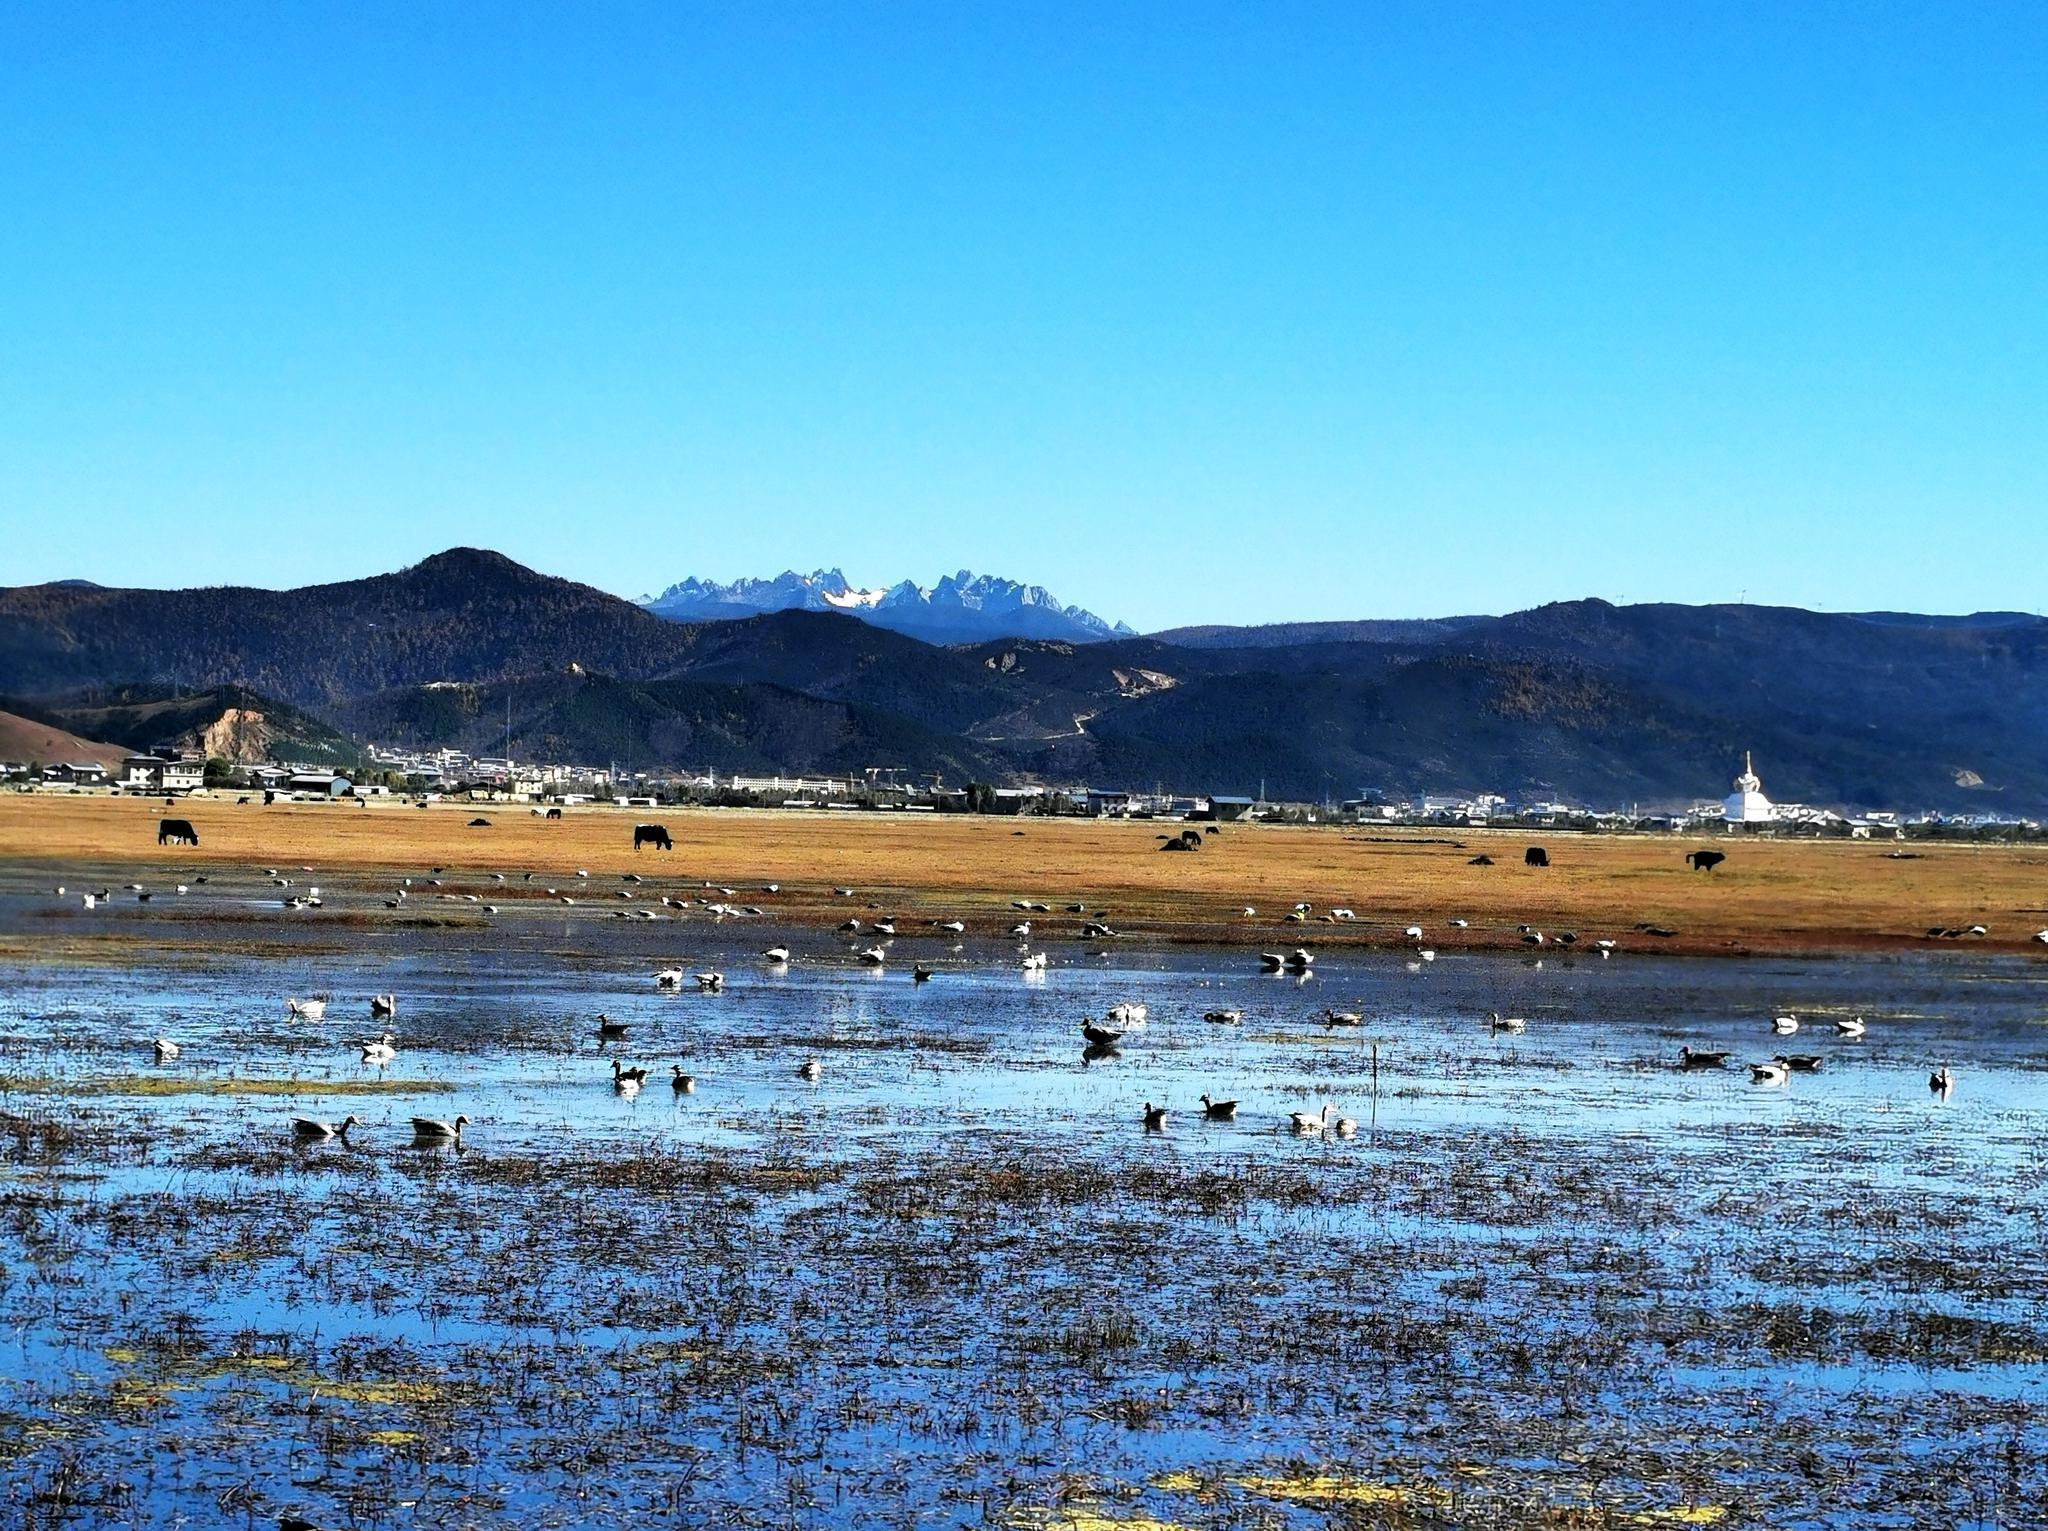 图一,下午在香格里拉纳帕海拍到的天鹅,它们的归来